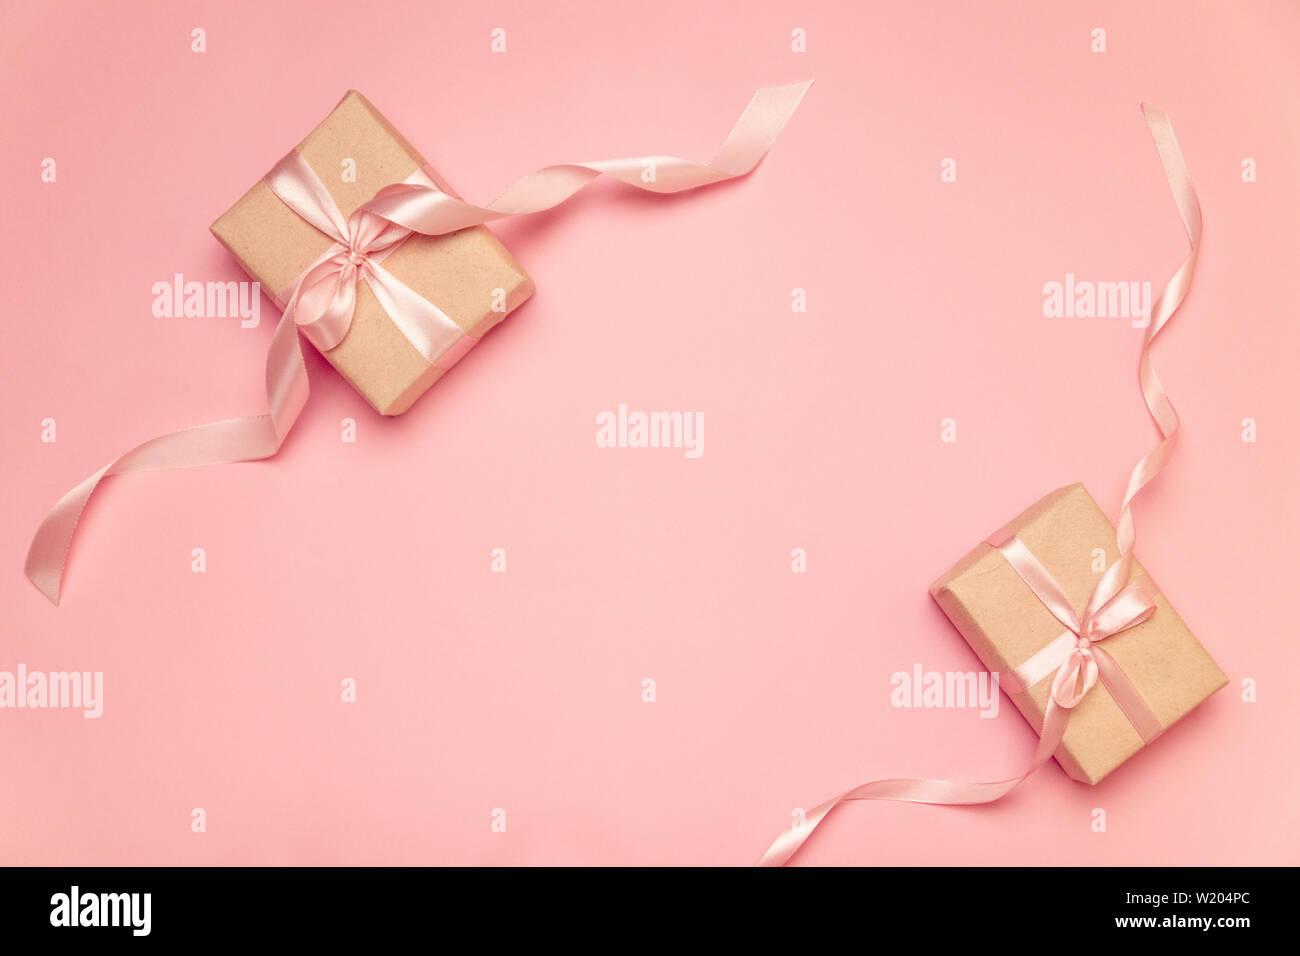 Craft Presente Box Con Il Colore Rosa Pastello Nastro Di Prua Sulla